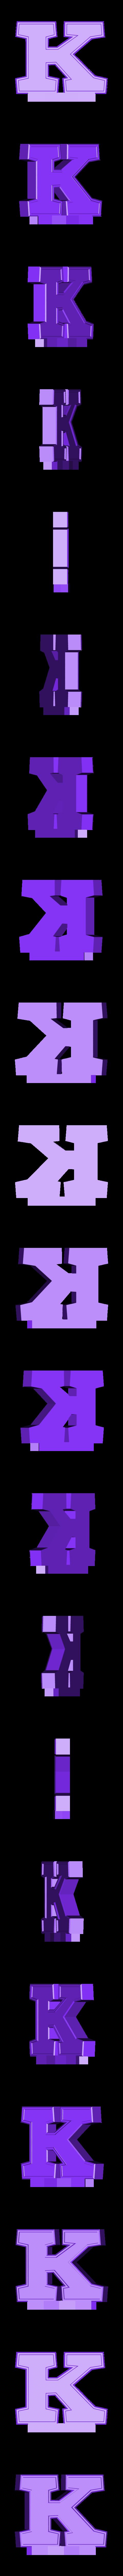 Stocking_hangers_K.stl Télécharger fichier STL gratuit Cintres de bas de parapet • Objet pour imprimante 3D, tone001